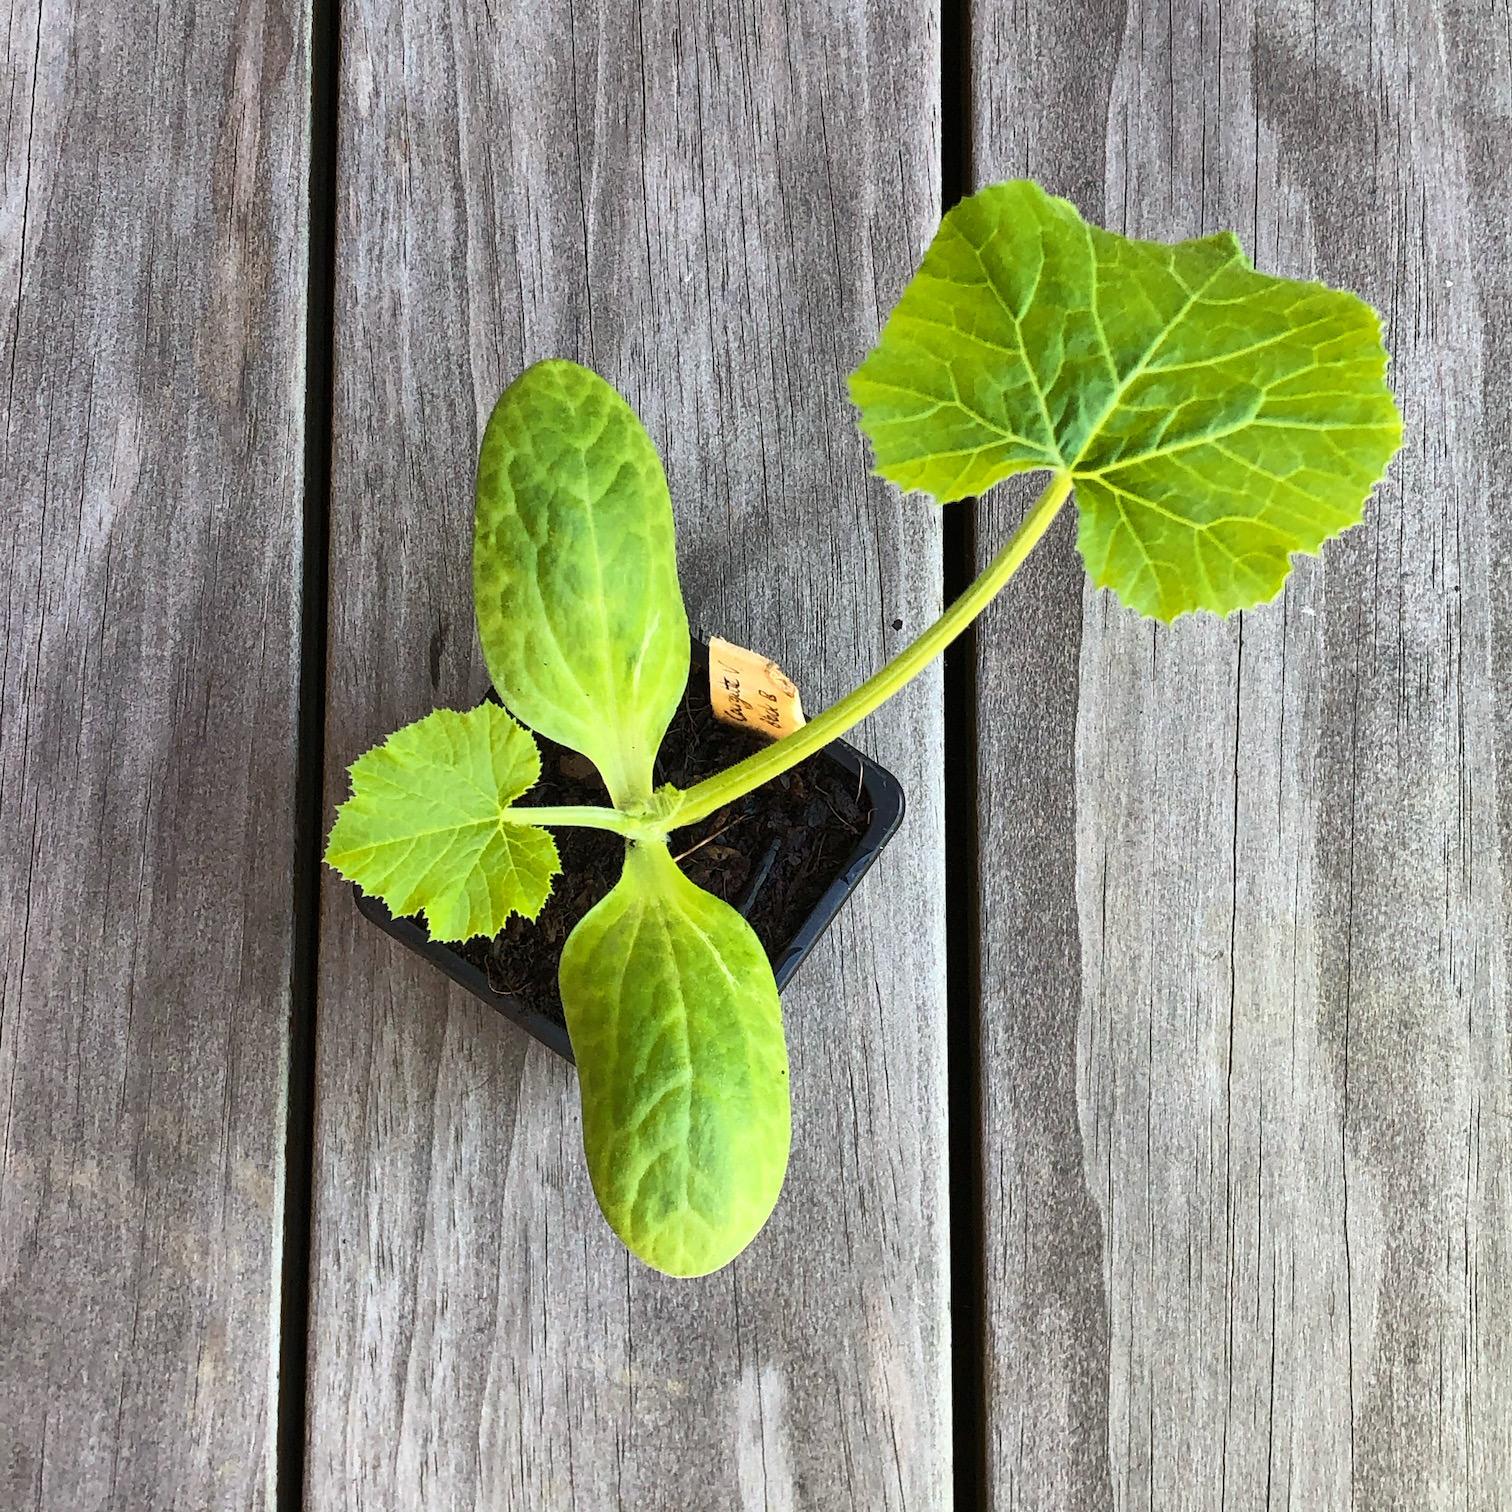 plant-courgette-dame-bio_